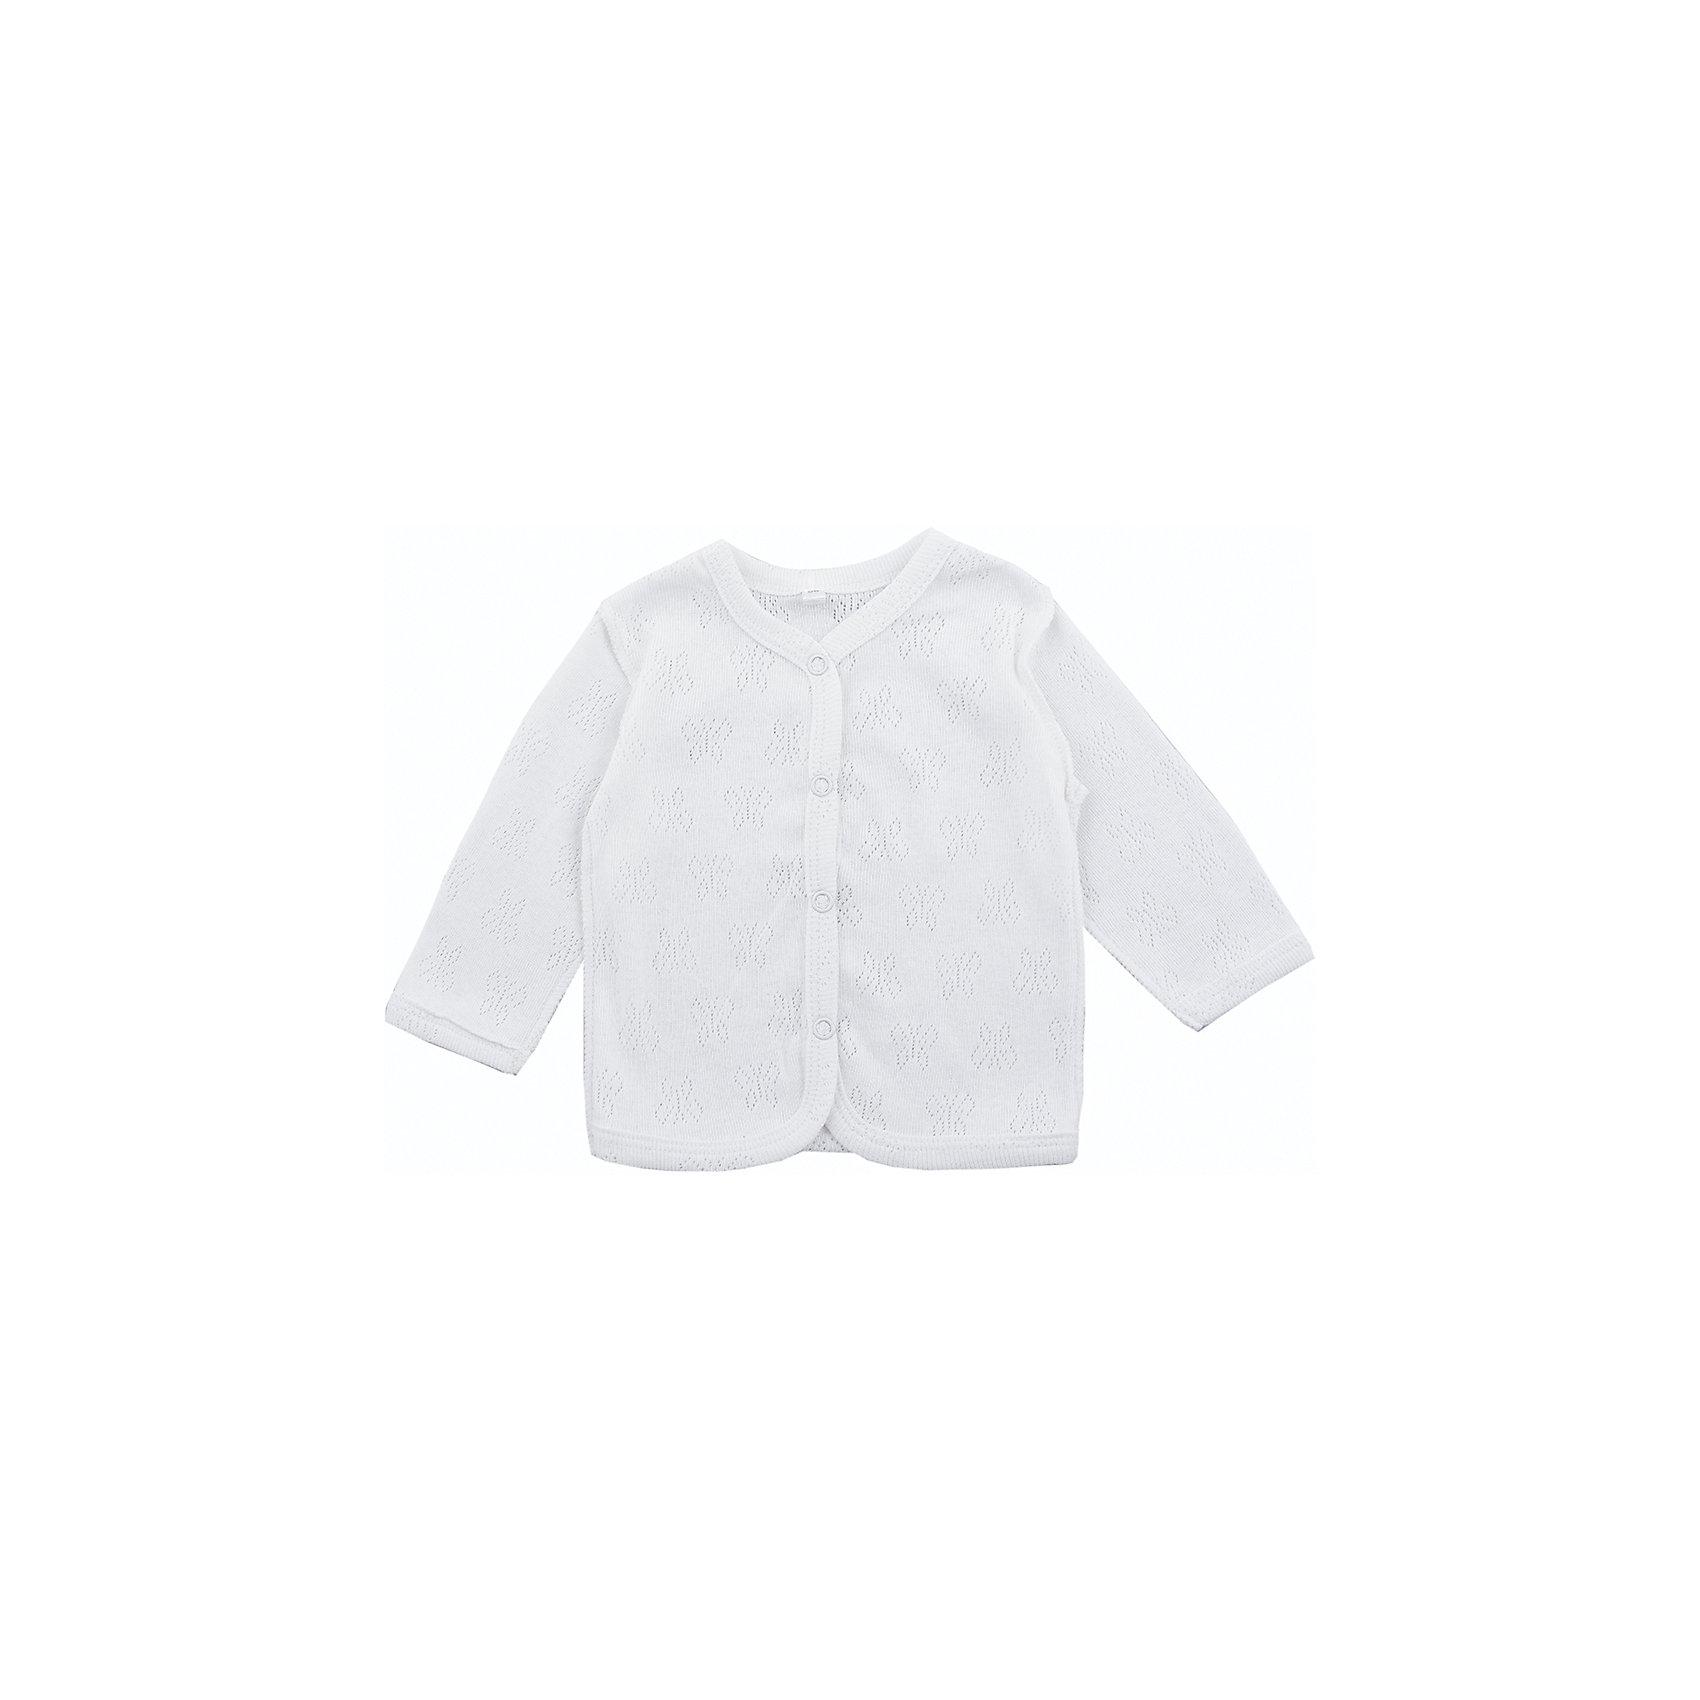 Кофточка Soni KidsКофточки и распашонки<br>Кофточка от популярной марки Soni Kids<br><br>Универсального цвета кофточка создана специально для самых маленьких. Она обеспечит ребенку удобство, не будет натирать,  а также позволит коже дышать.<br><br>Особенности модели:<br><br>- цвет - молочный;<br>- материал - натуральный ажурный хлопок-рибана;<br>- рукава длинные;<br>- мягкая окантовка;<br>- застежки - кнопки впереди.<br><br>Дополнительная информация:<br><br>Состав: 100% хлопок (рибана)<br><br>Габариты:<br><br>длина по спинке - 28 см;<br>длина рукава - 19.<br><br>*соответствует размеру 56<br><br>Кофточку от популярной марки Soni Kids (Сони Кидс) можно купить в нашем магазине.<br><br>Ширина мм: 157<br>Глубина мм: 13<br>Высота мм: 119<br>Вес г: 200<br>Цвет: бежевый<br>Возраст от месяцев: 12<br>Возраст до месяцев: 15<br>Пол: Унисекс<br>Возраст: Детский<br>Размер: 68,86,80,74,62,56<br>SKU: 4323276